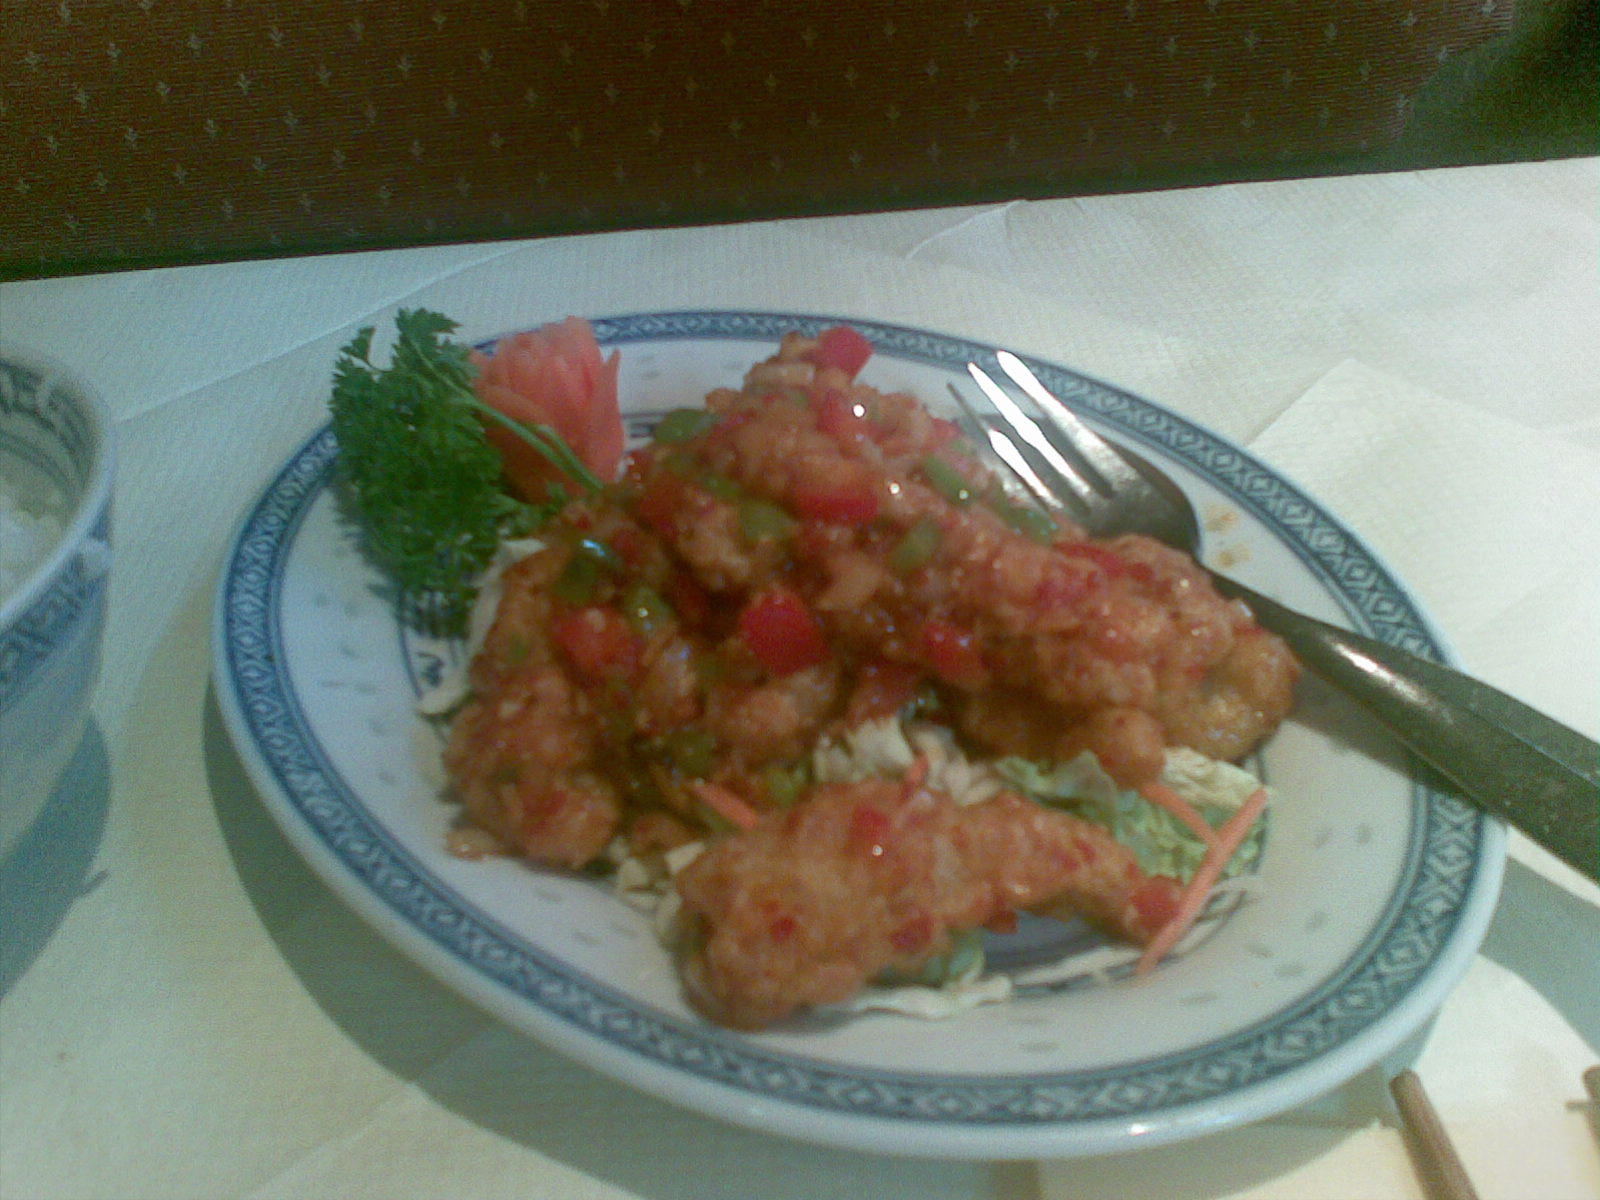 Ravintola China, Helsinki: Mustekalaa pippurilla